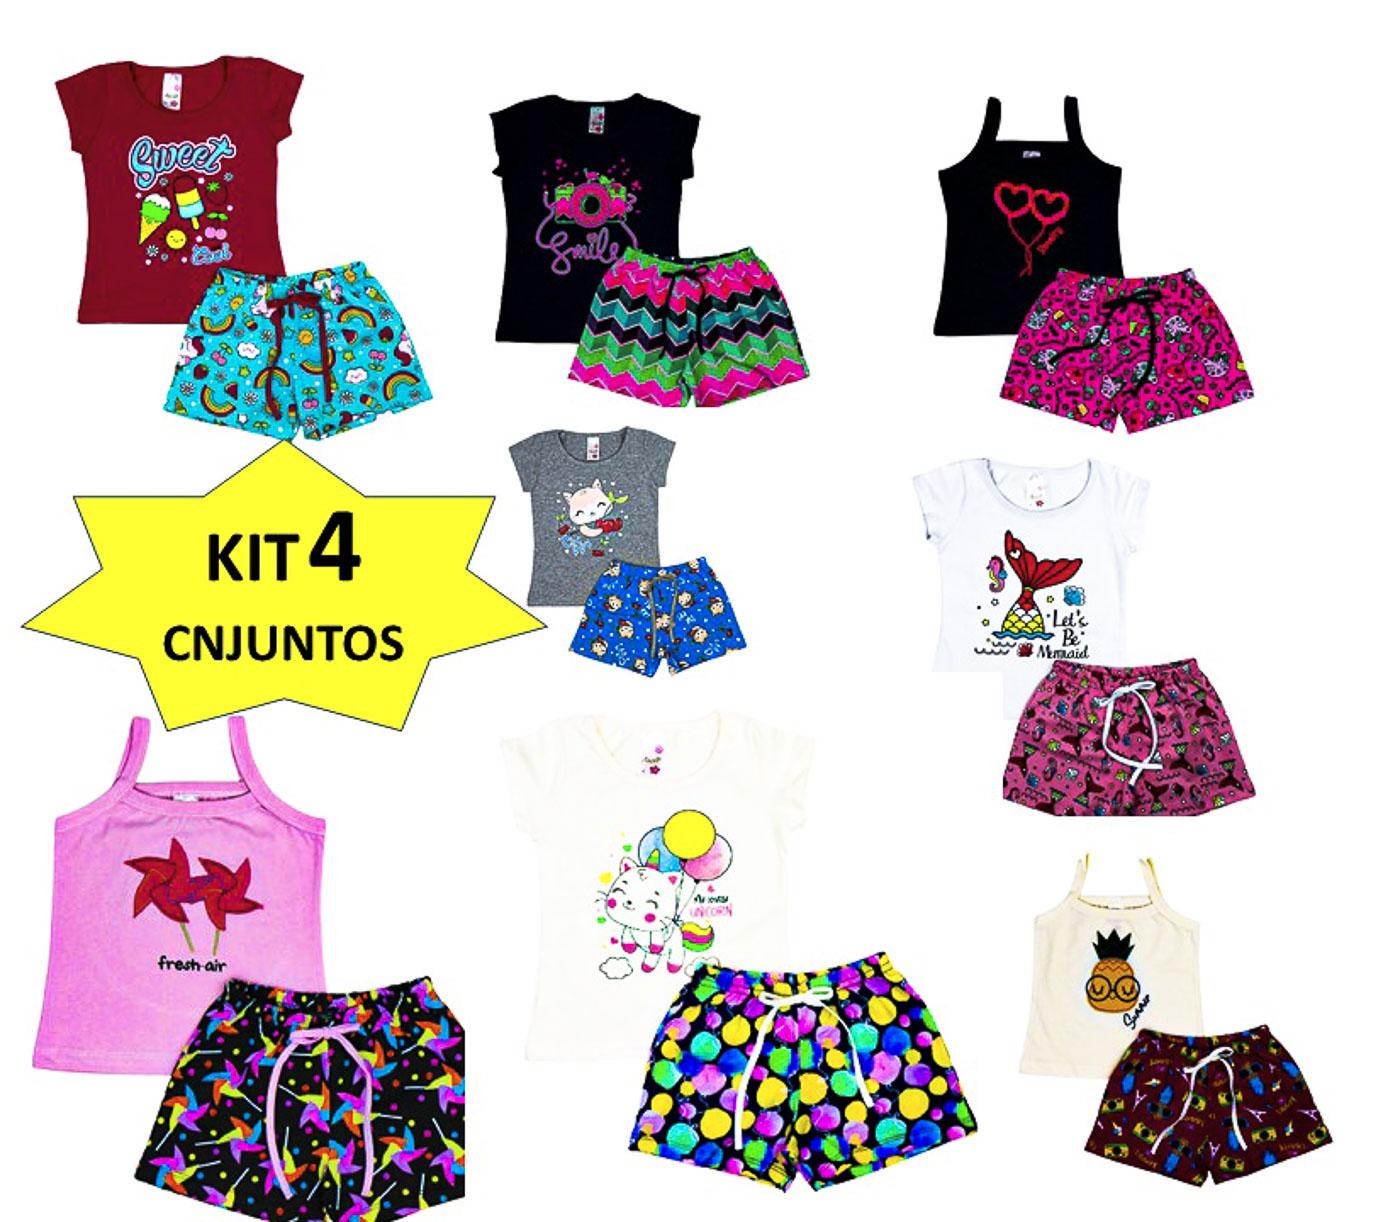 Kit 4 Conjunto Infantil Feminino Roupa De Verão Menina Lote